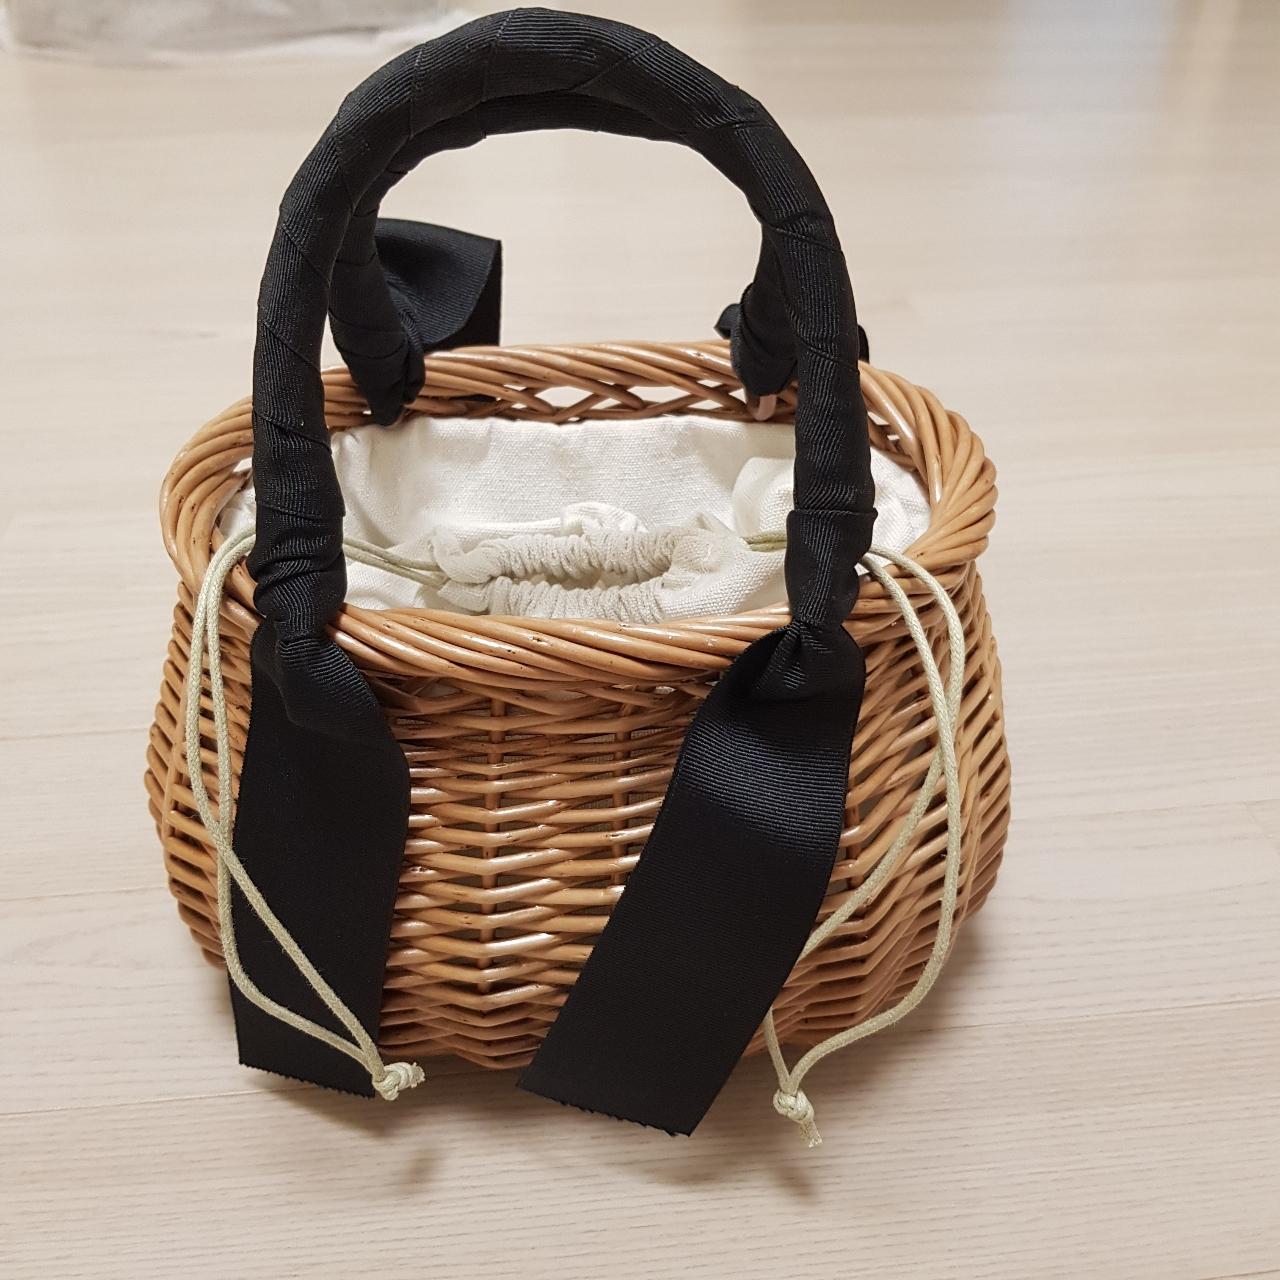 라탄 왕골 미니 리본 라운드백 라탄백 피크닉가방